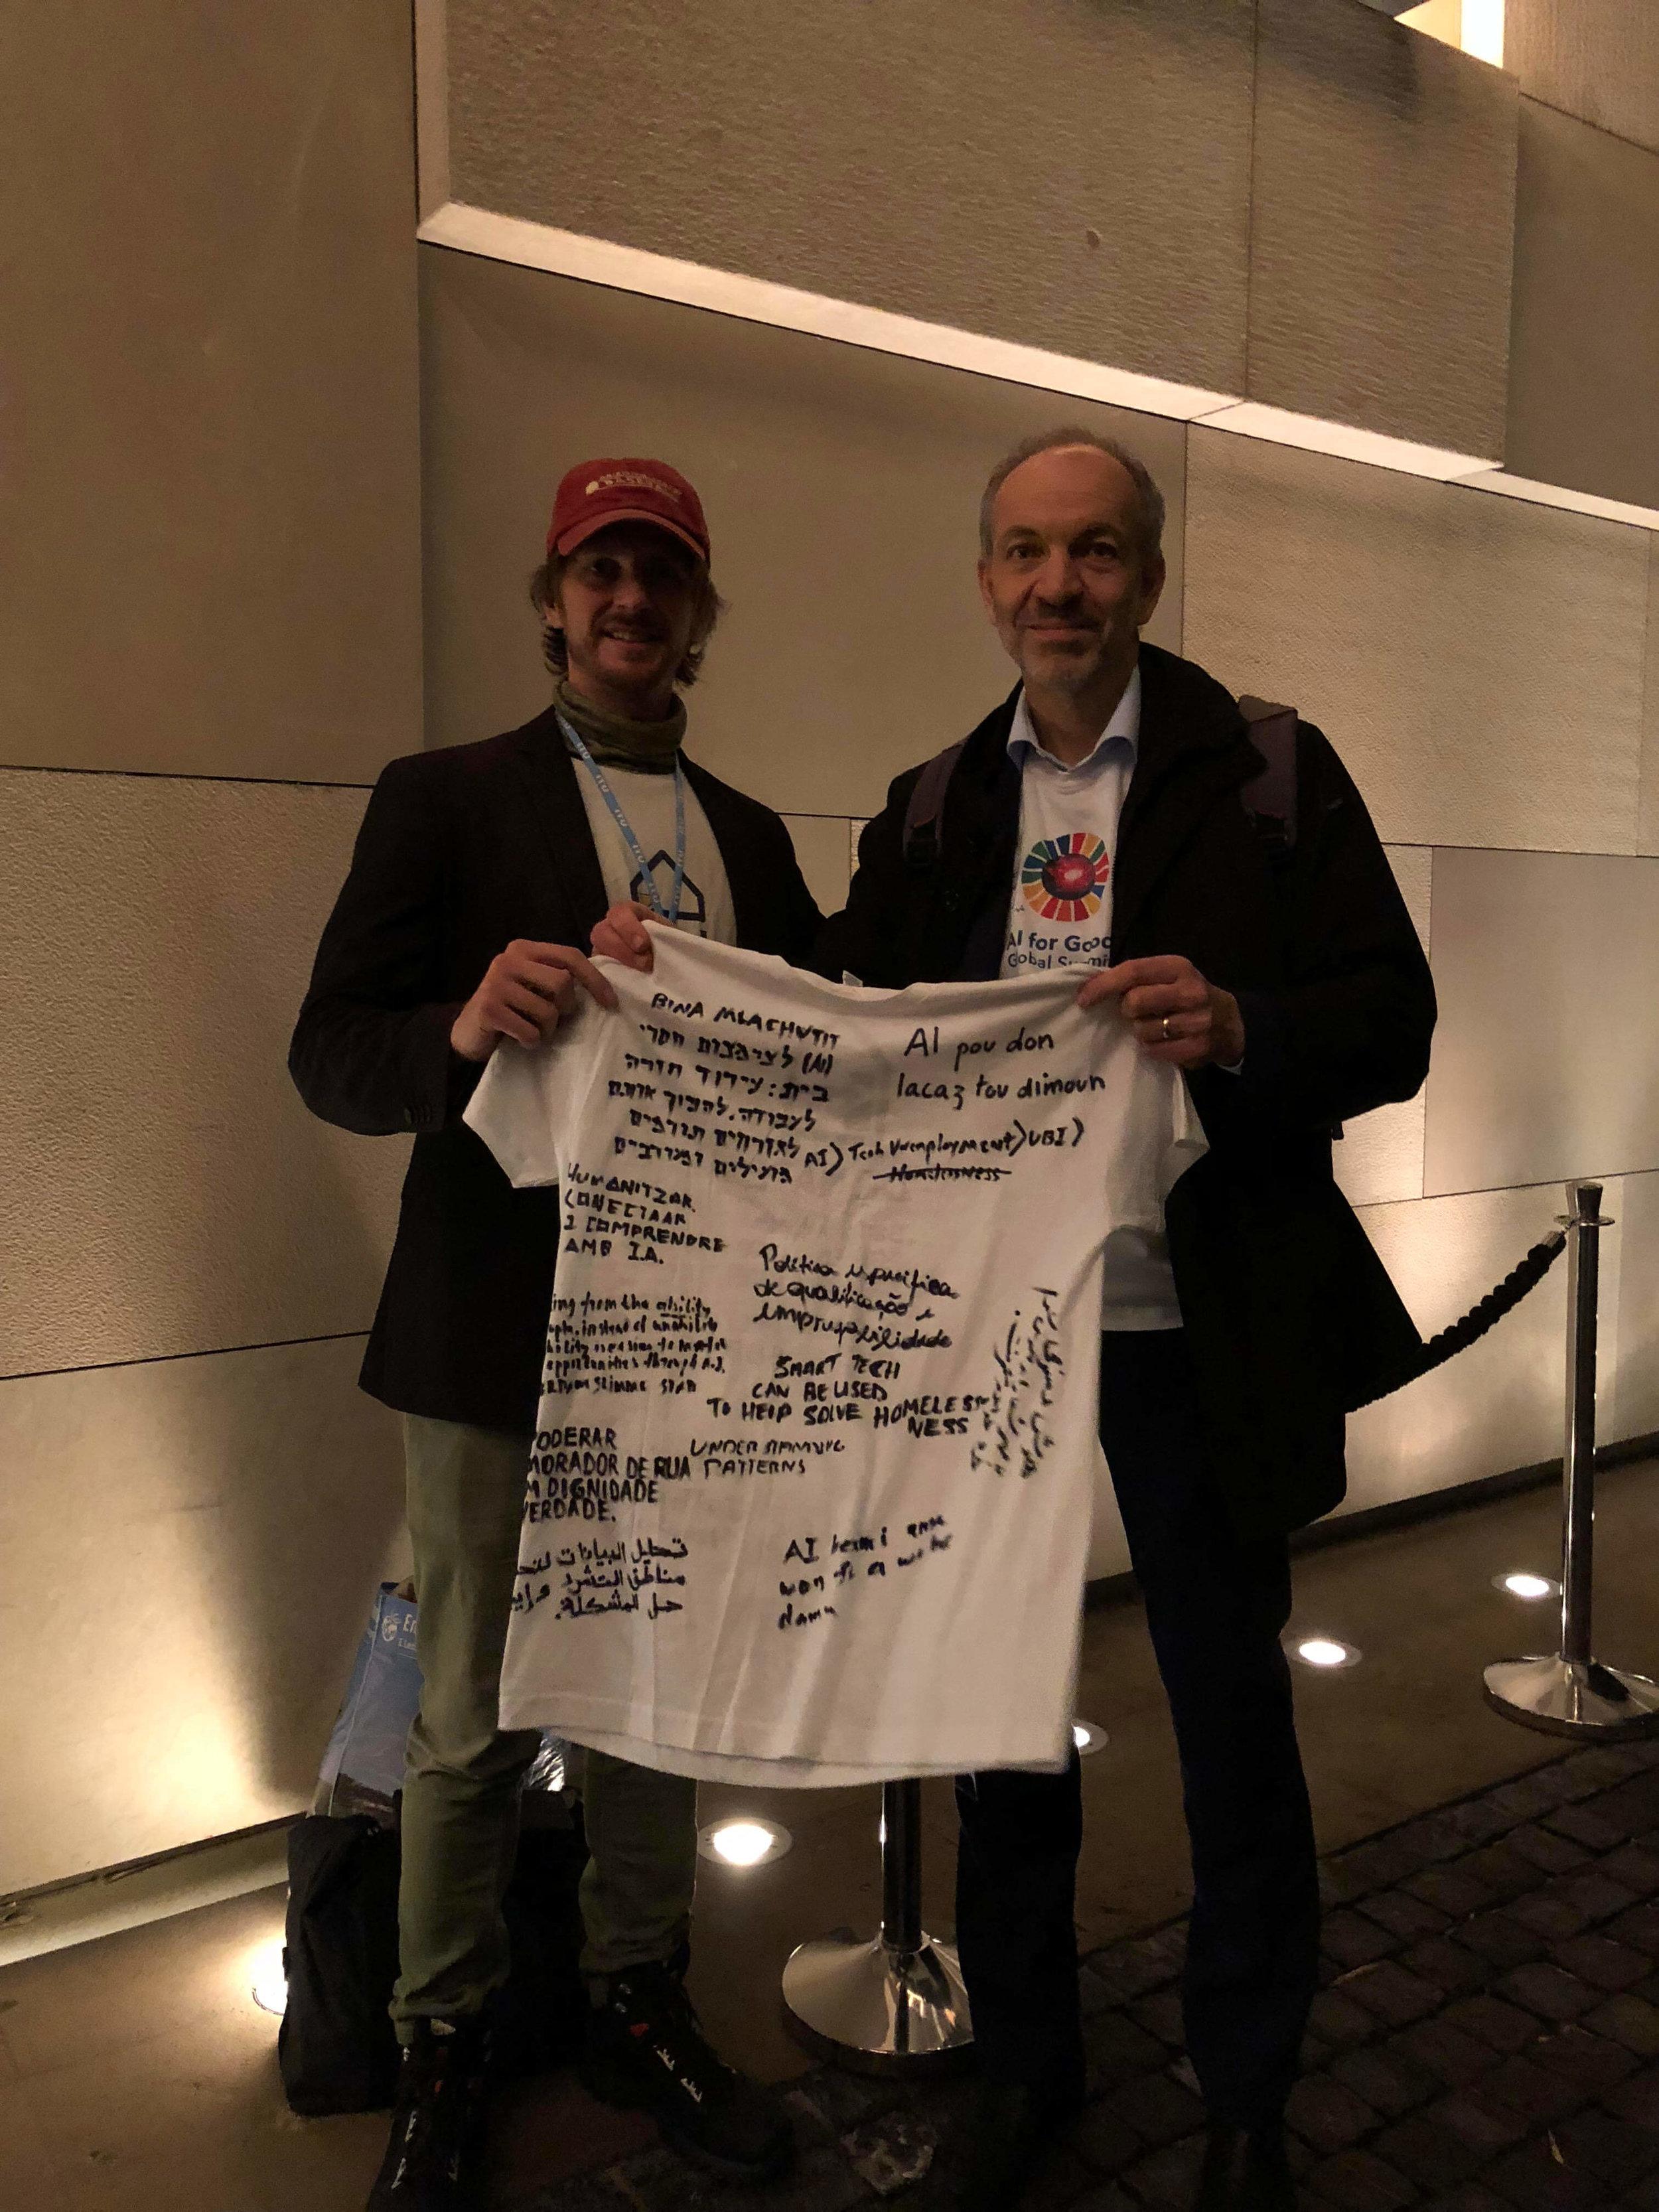 AIforGood_HomelessEntrepreneur_Reinhard Scholl and AndrewFunk